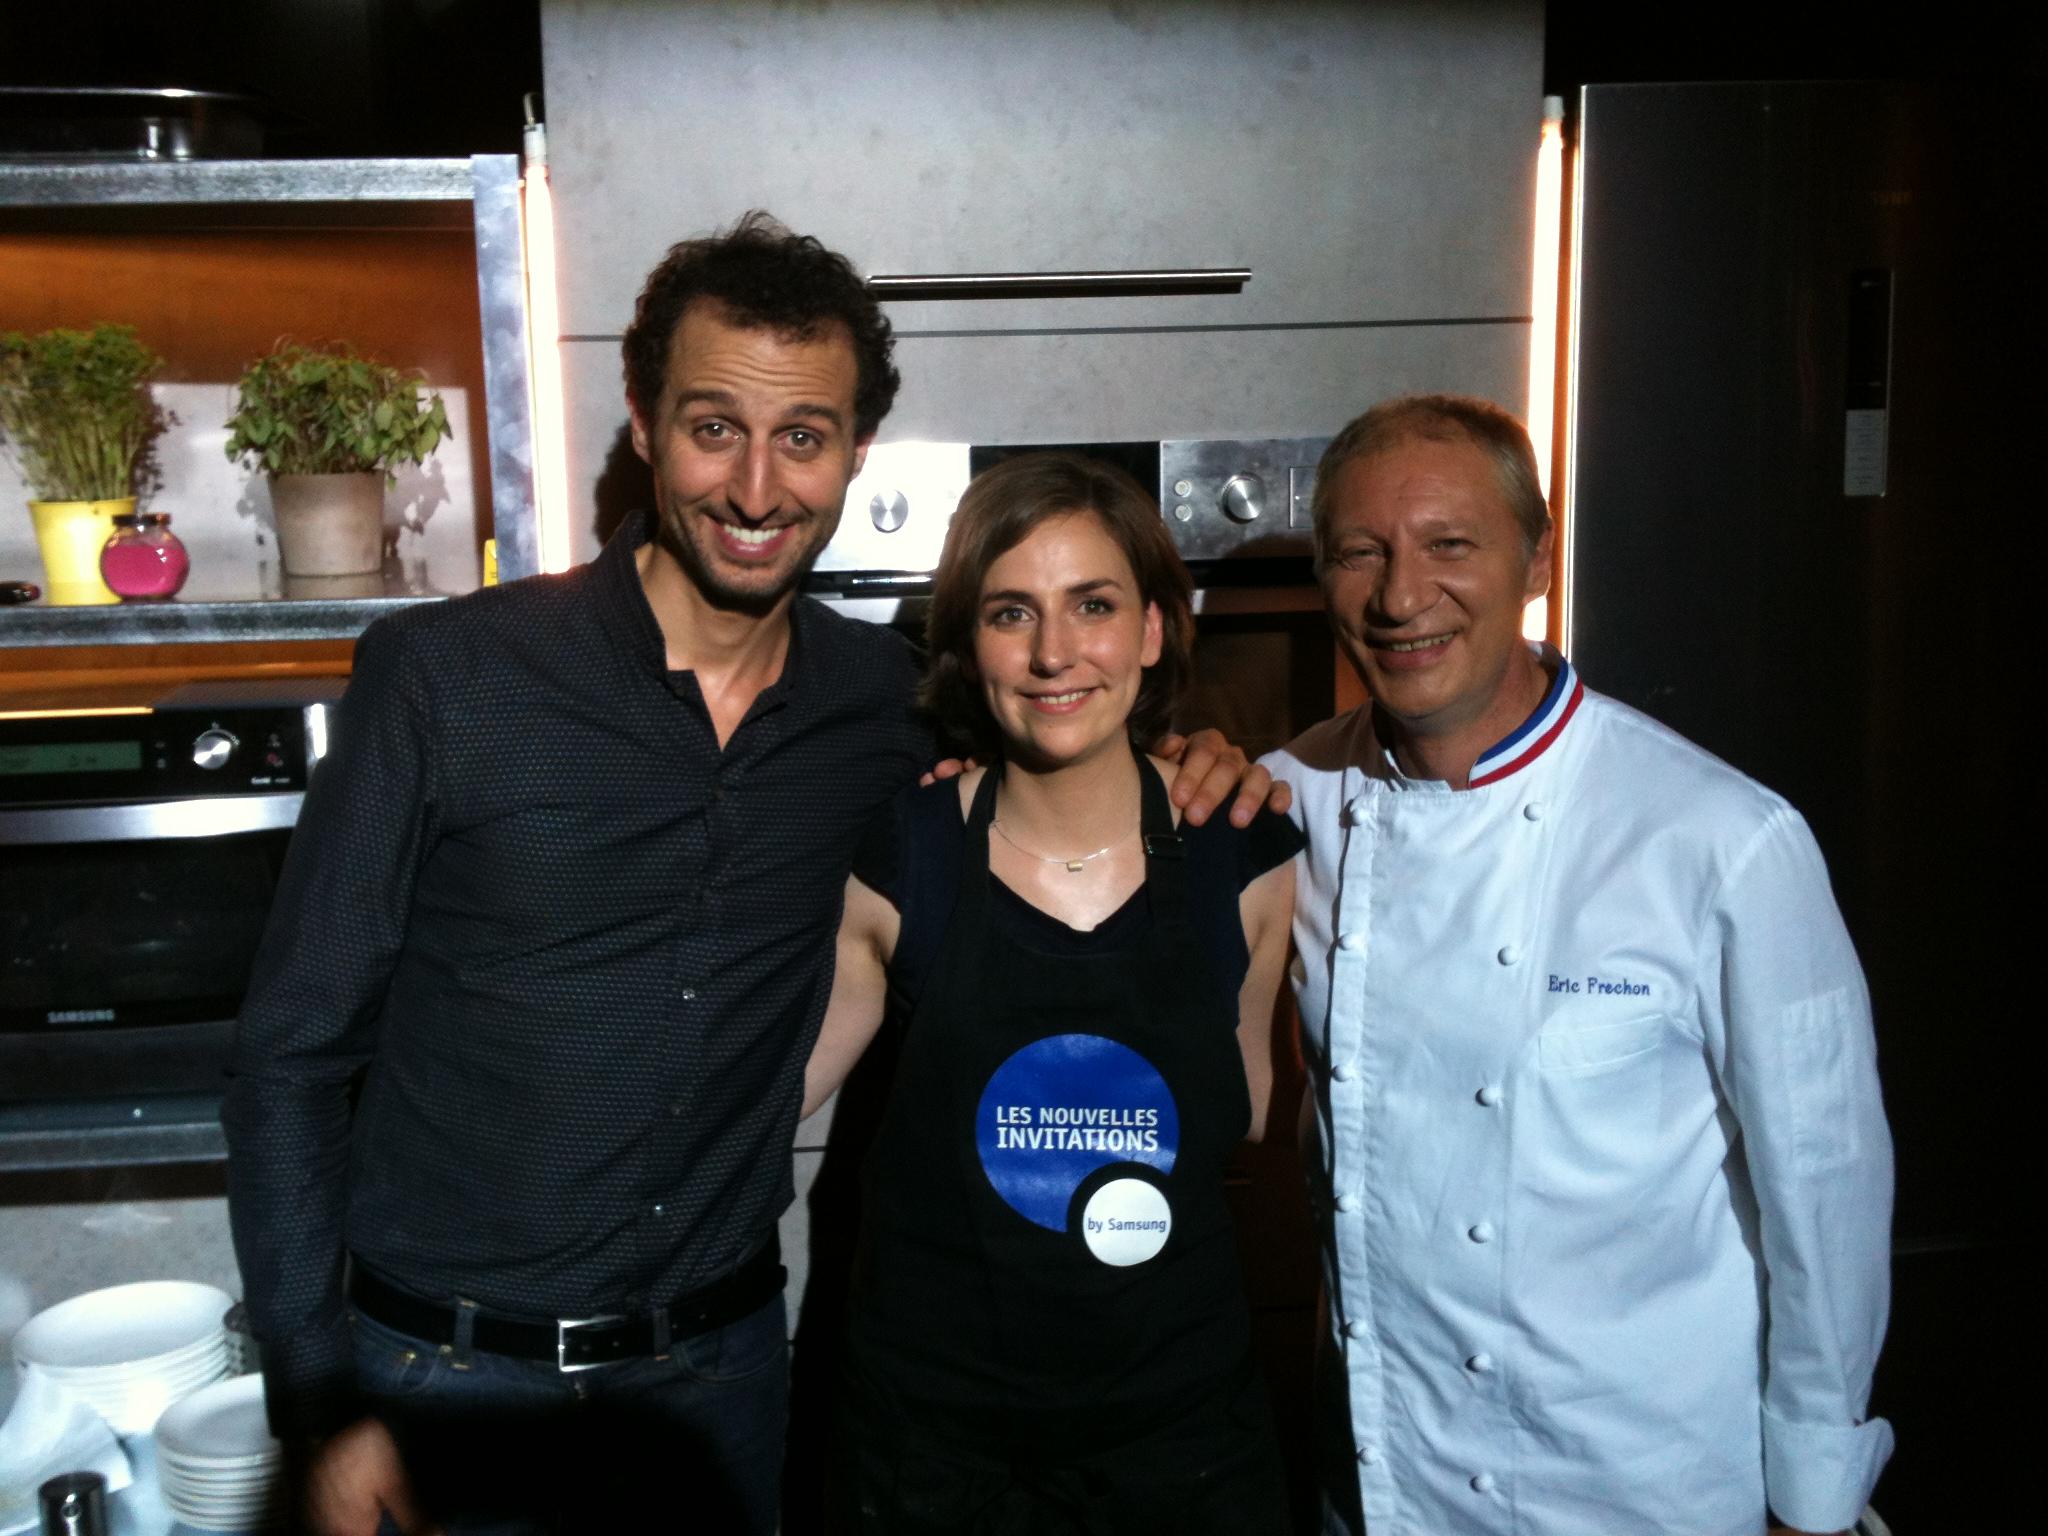 Arié Elalmaleh et Eric Fréchon concours samsung nouvelles invitations